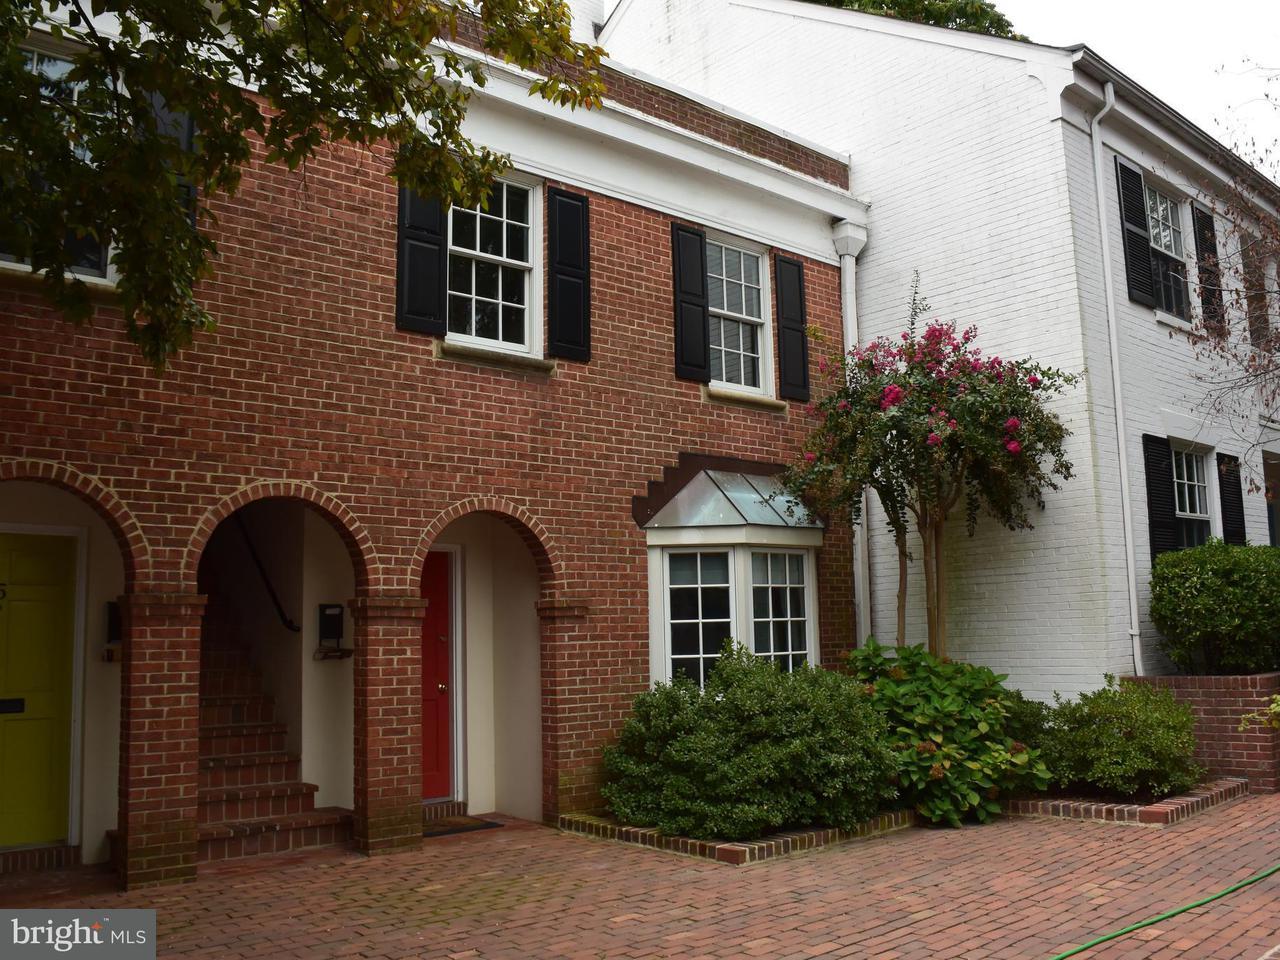 Condominium for Sale at 220 SAINT ASAPH ST N #7 220 SAINT ASAPH ST N #7 Alexandria, Virginia 22314 United States